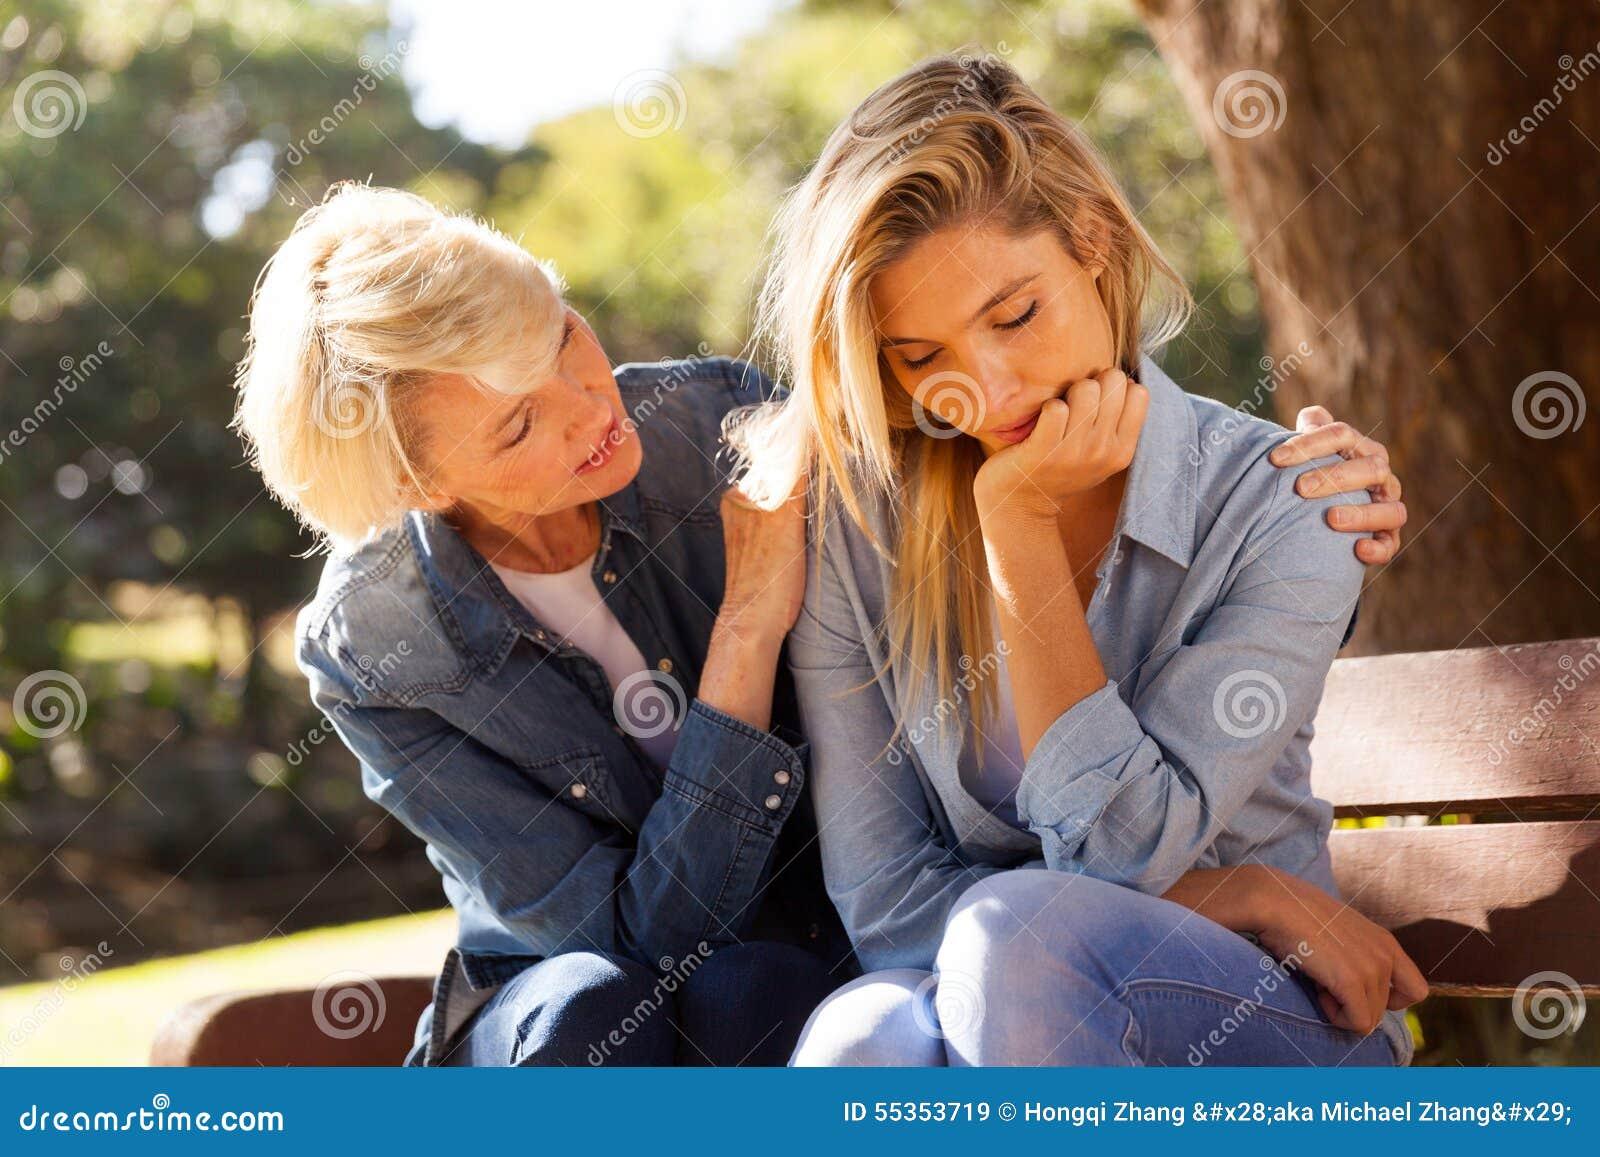 Donna che conforta figlia triste